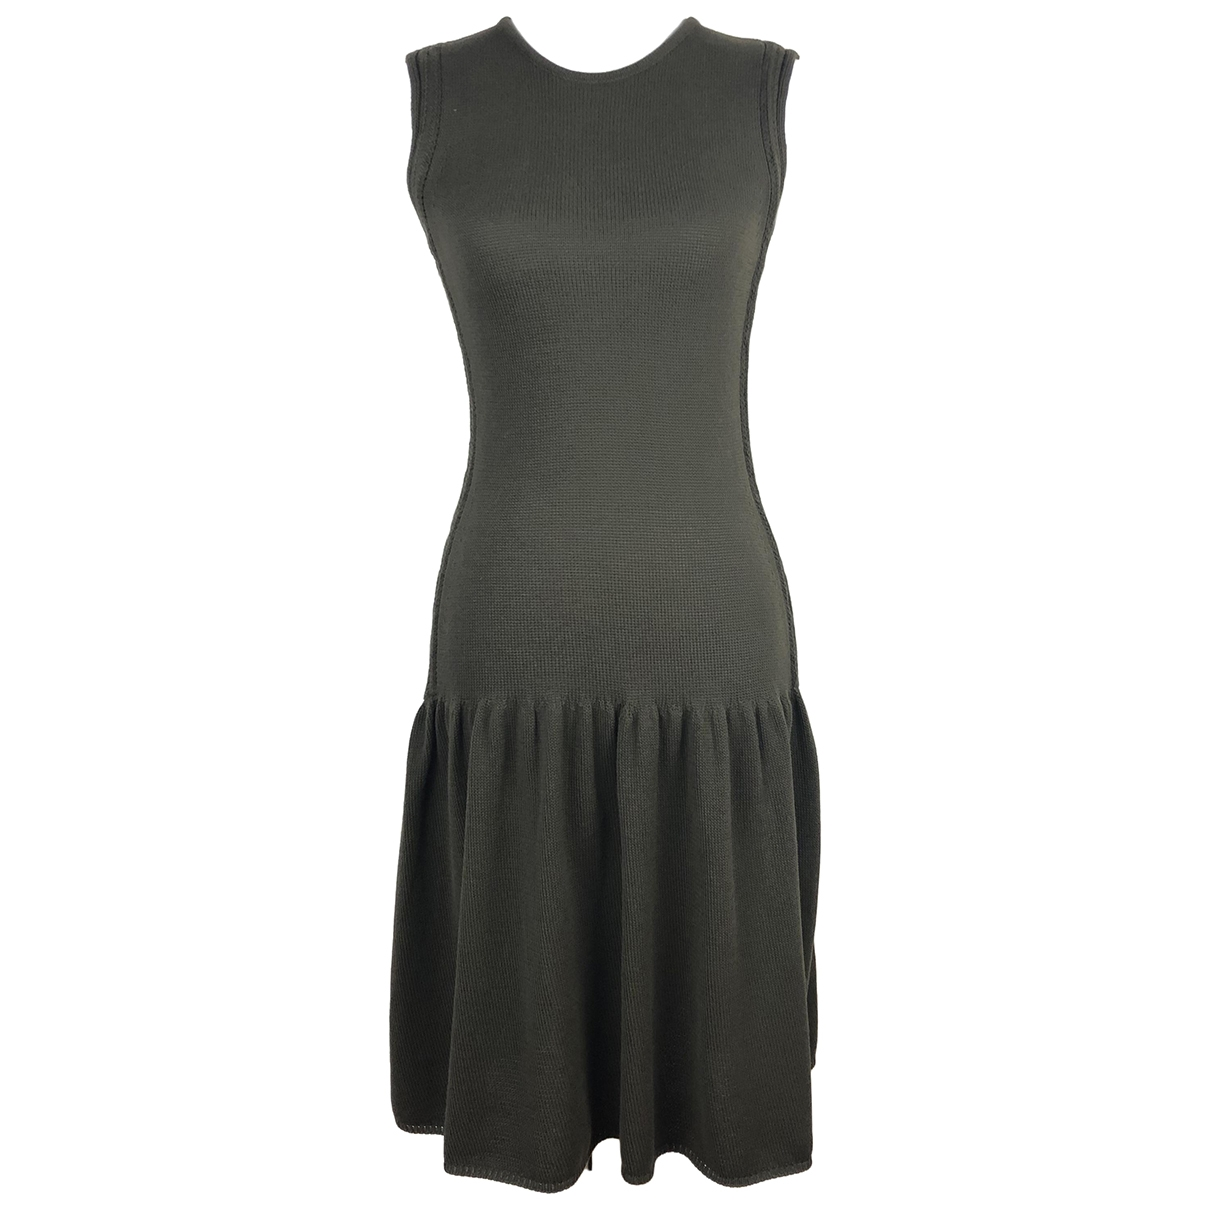 Sport Max \N Kleid in  Khaki Baumwolle